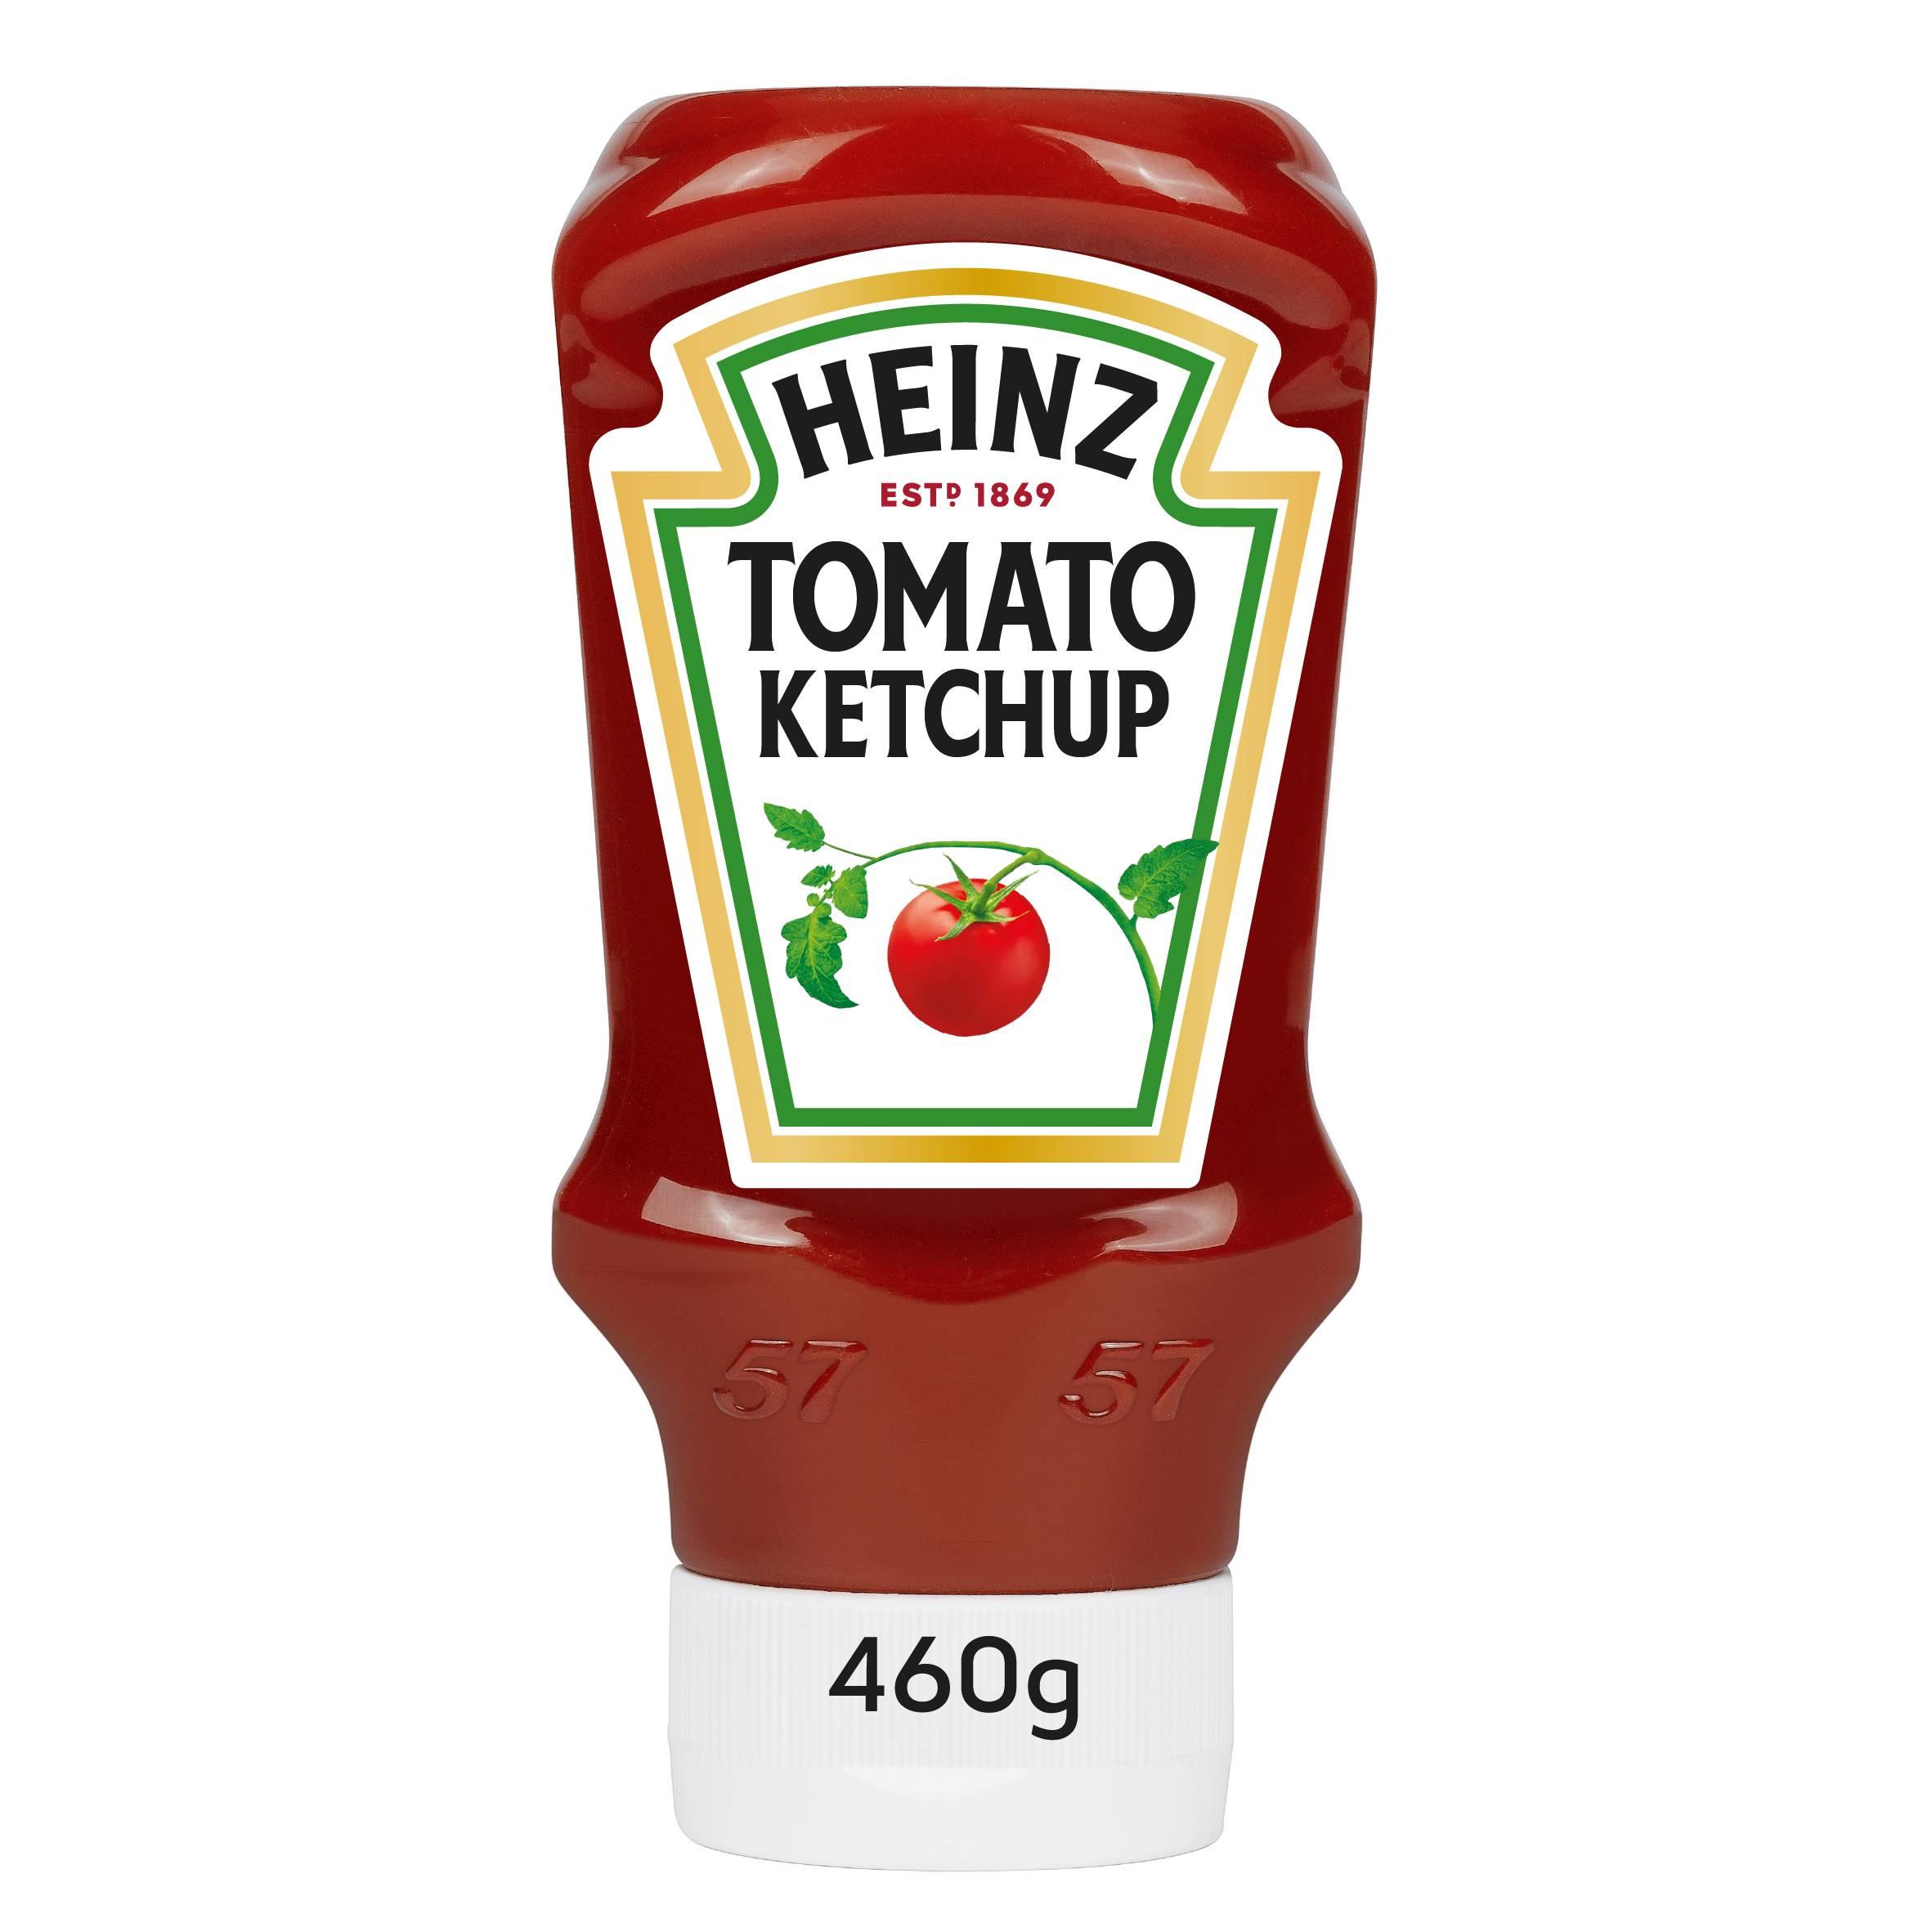 Heinz Tomato Ketchup 460gm Top Down image